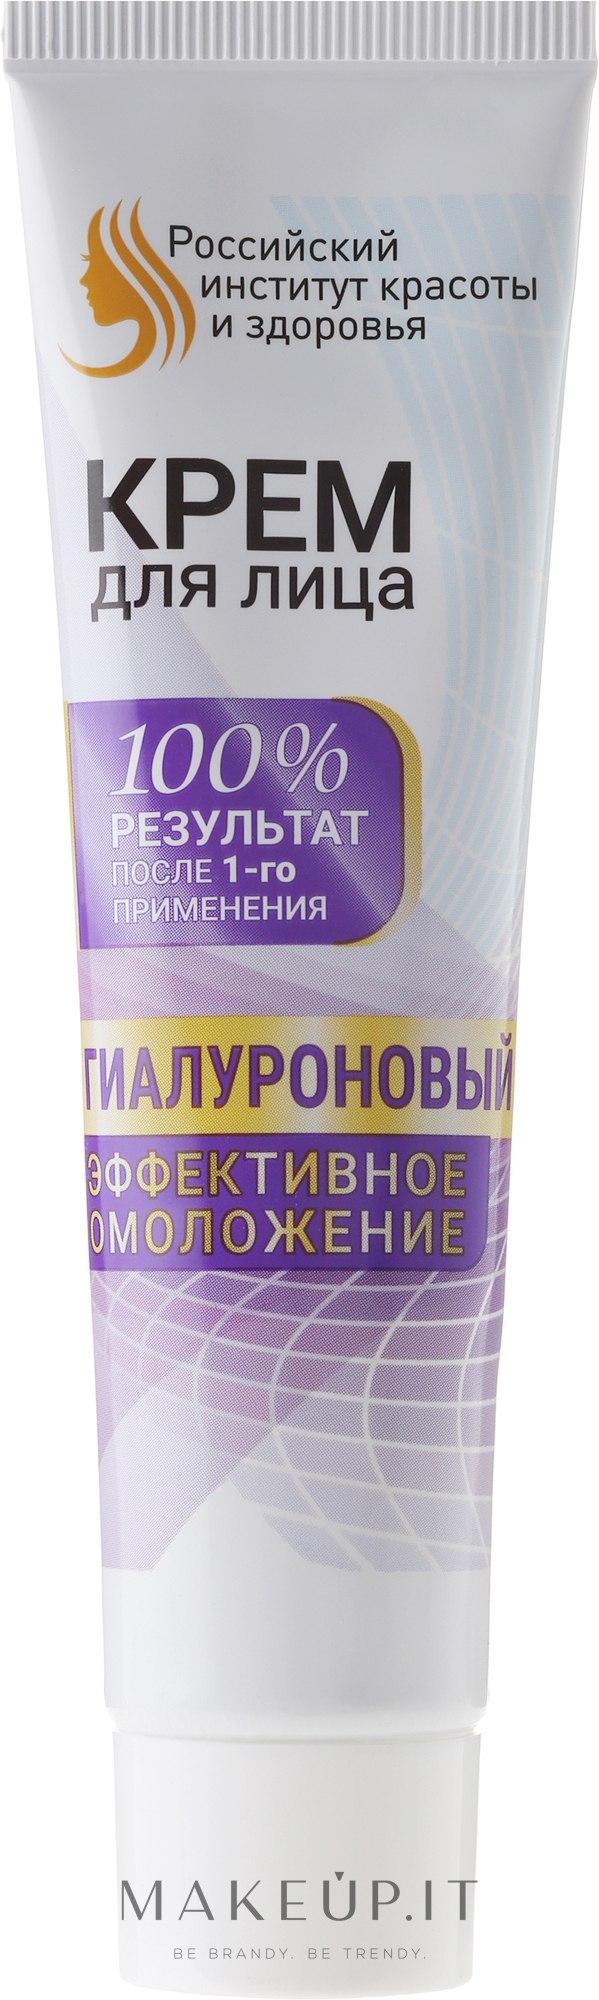 Crema viso con acido ialuronico - Fito cosmetica  — foto 45 ml